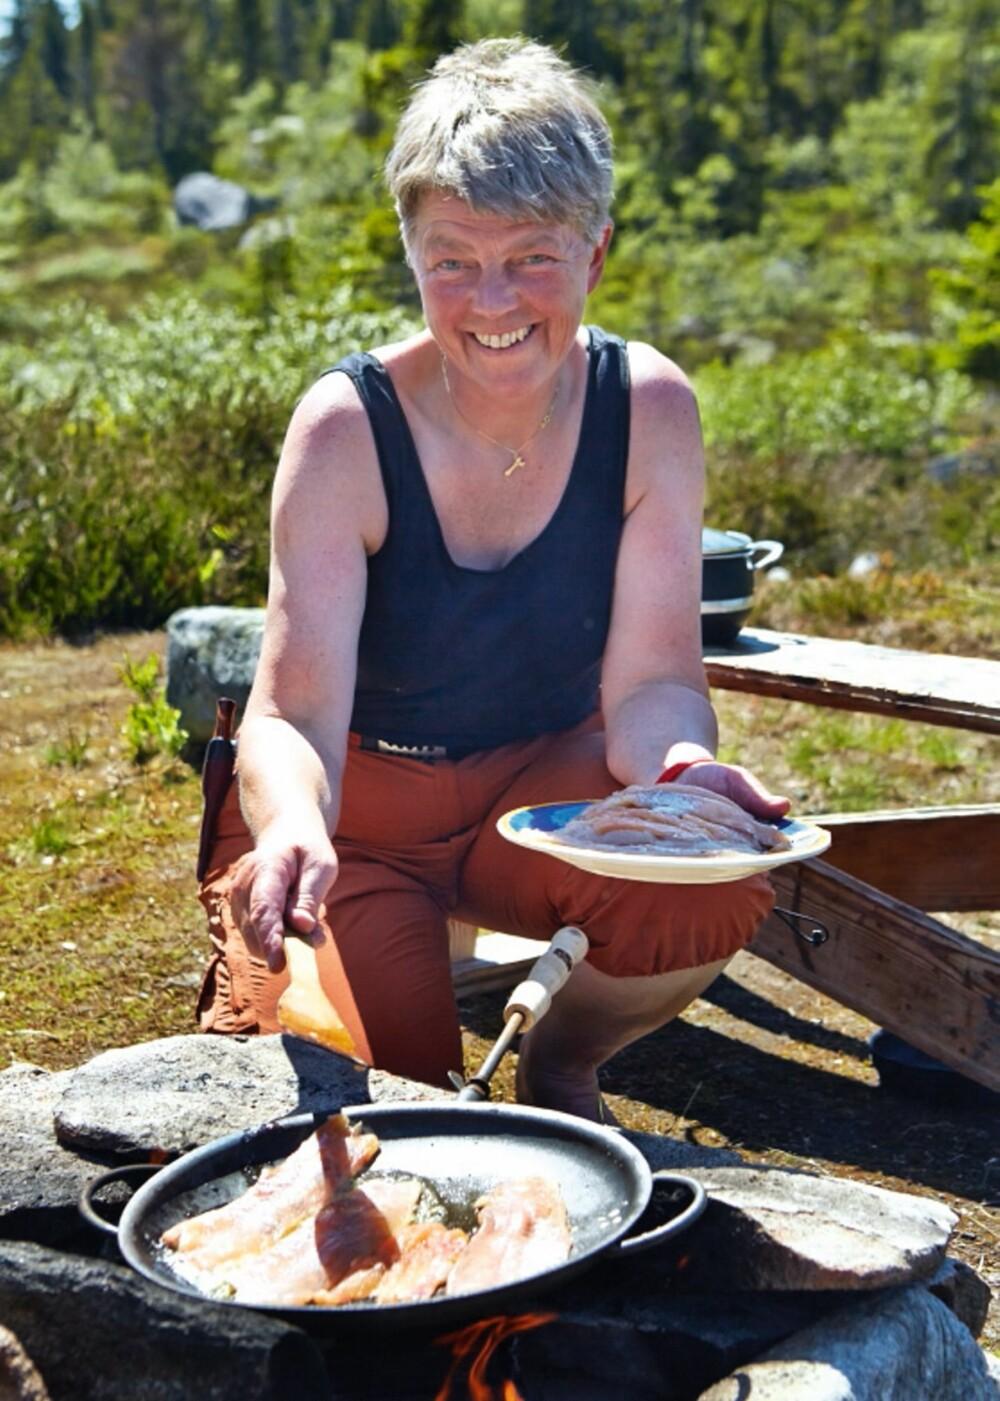 Kortreist: Både materialer og maten er kortreist i Gunhilds hytteparadis. På fremsiden av hytta har hun laget en liten bålplass der det ofte spises fisk.